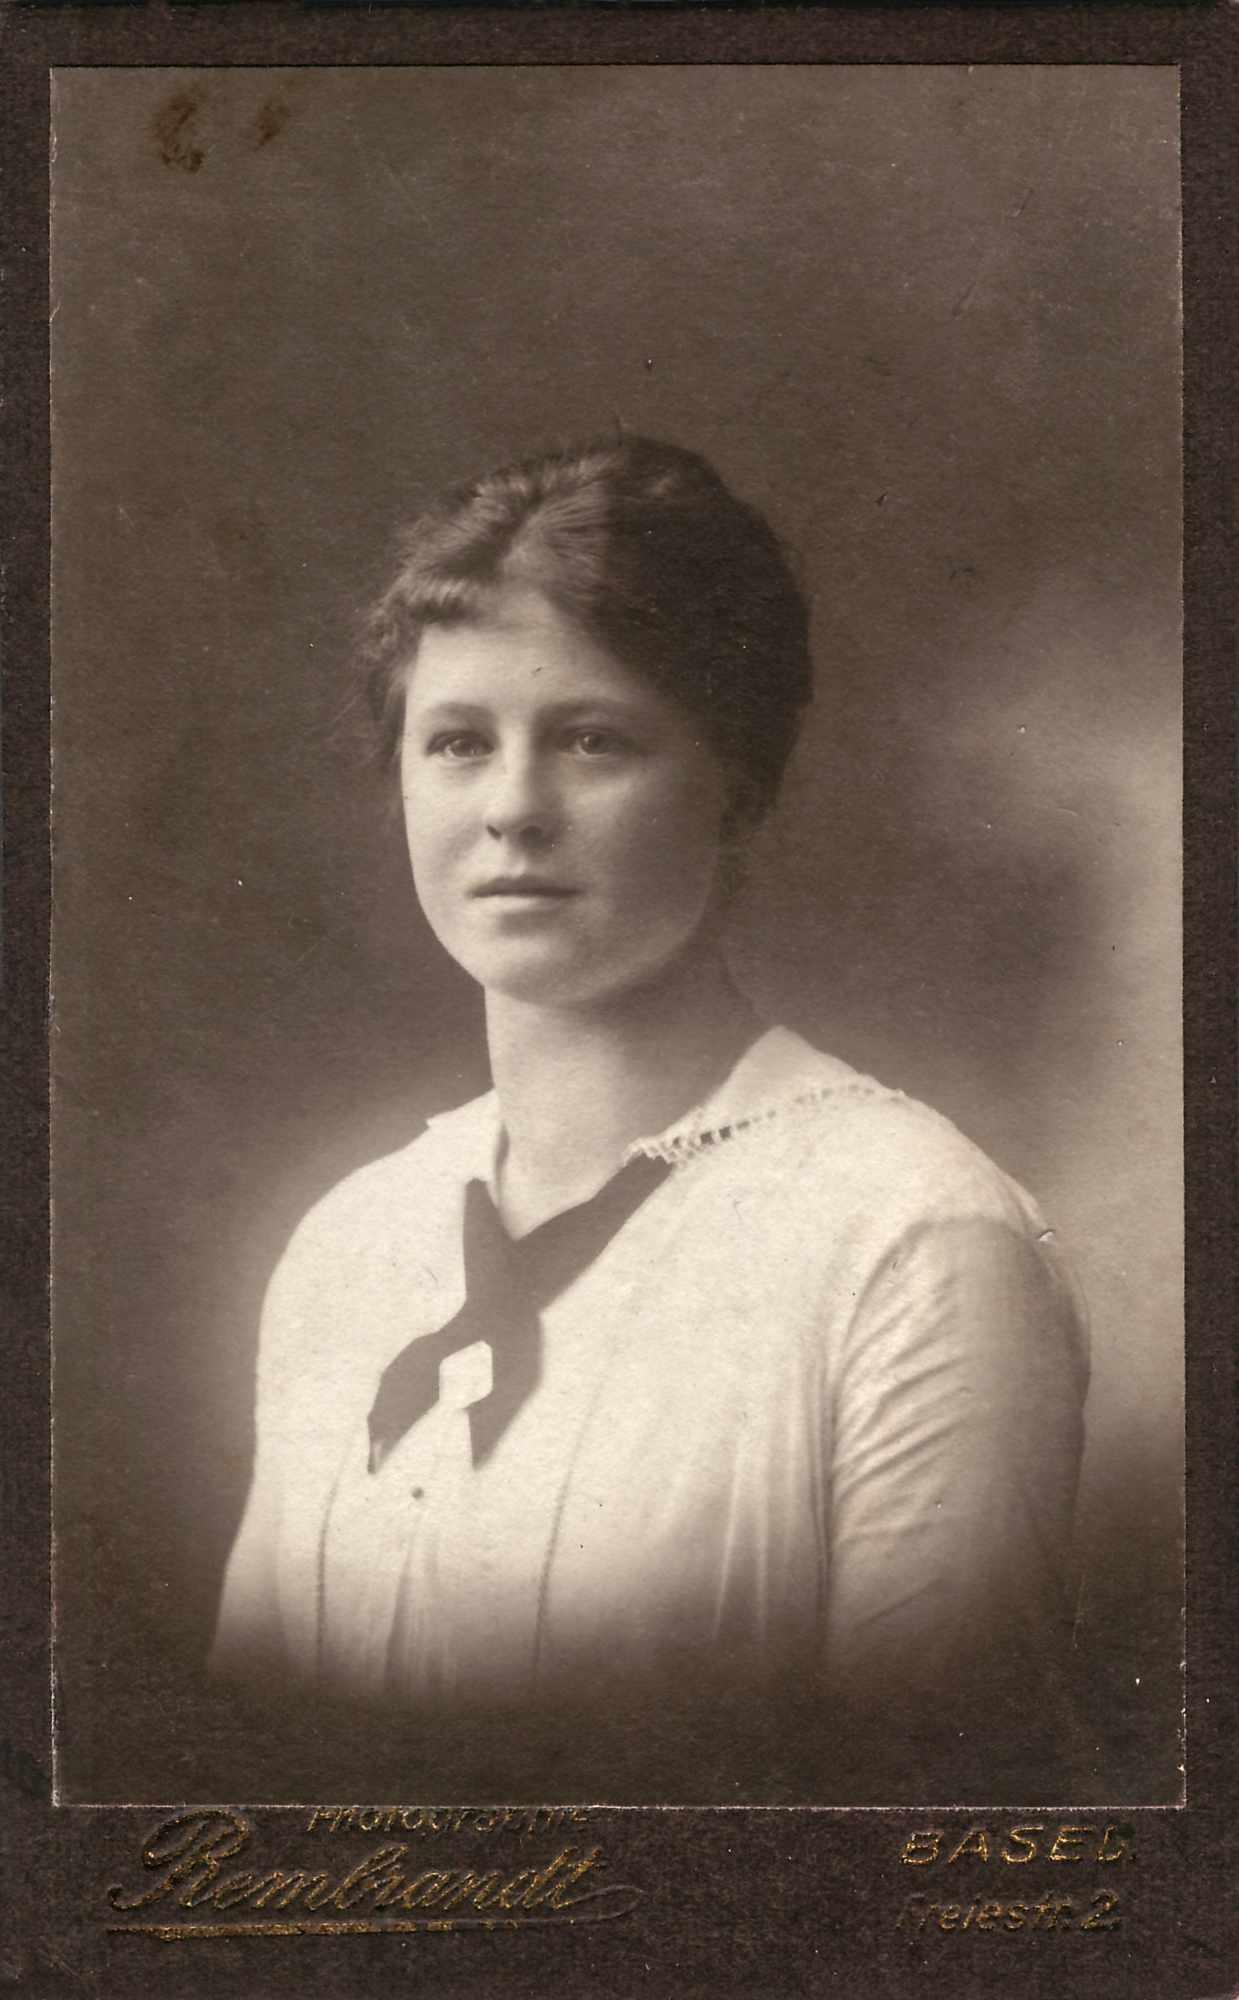 Bild: unbekannte weibliche Person (ev. Maria Gürtler)